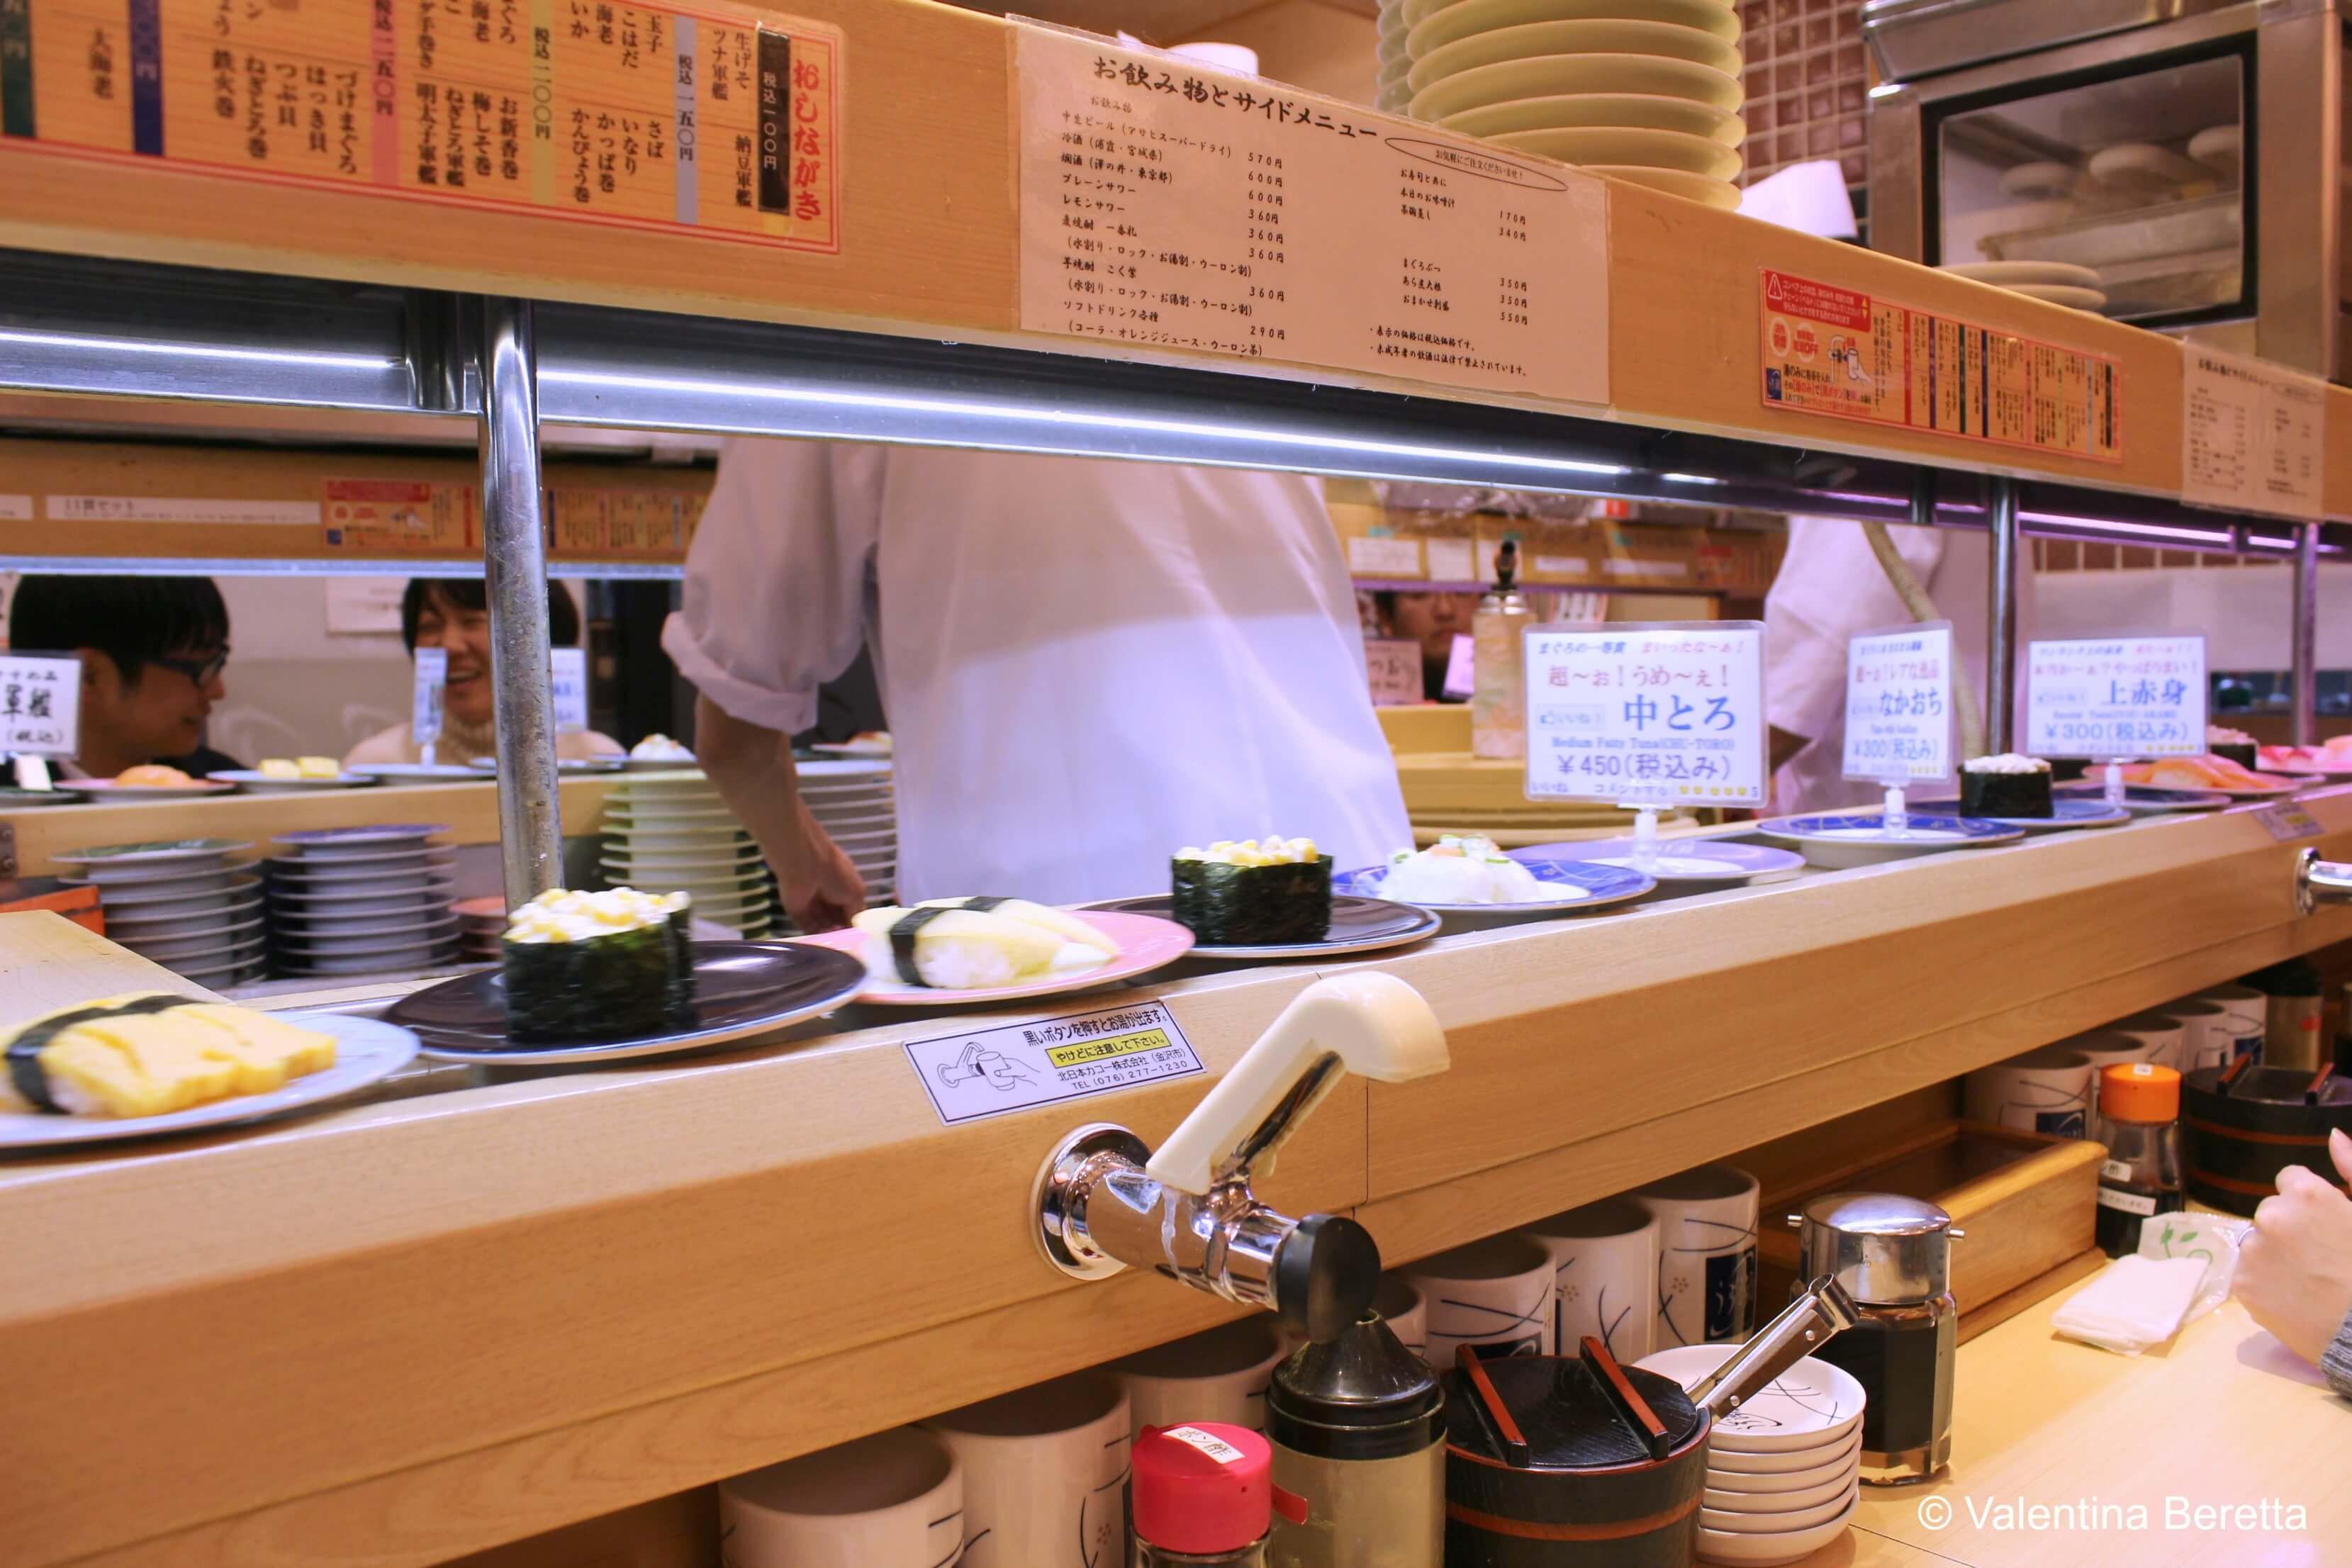 Cibo giapponese: ogni quanto mangiare sushi e il menu ...